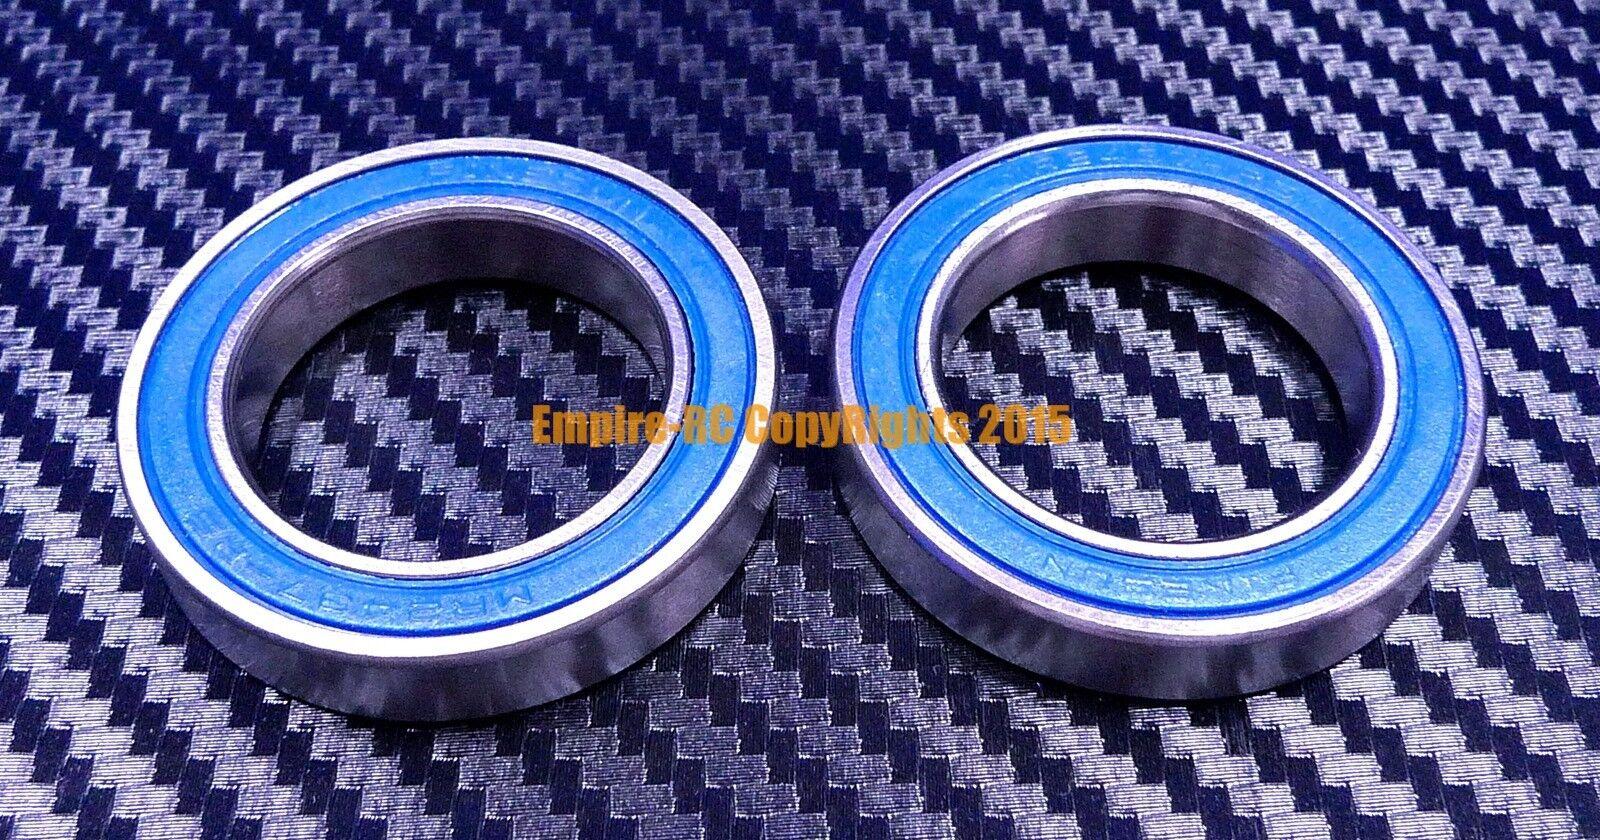 [QTY 10] (24x37x7 mm) MR2437-2RS HYBRID CERAMIC Si3N4 Ball Bearing (blueE) MR2437